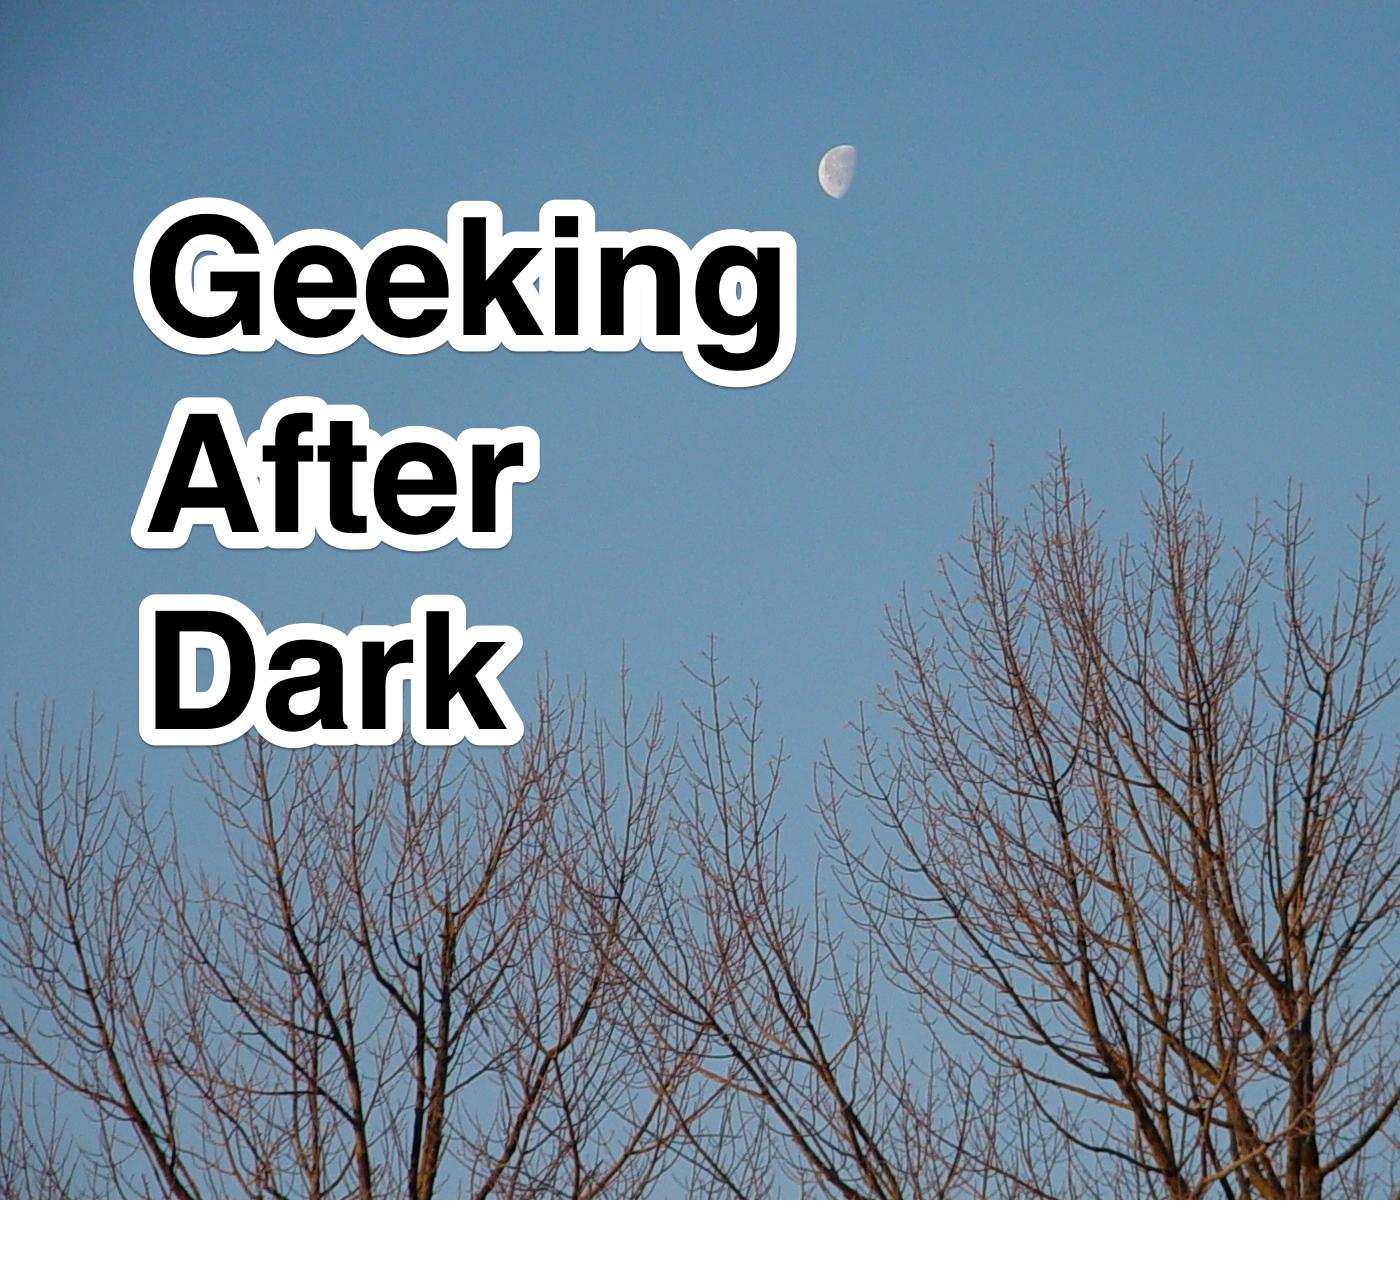 Geeking After Dark